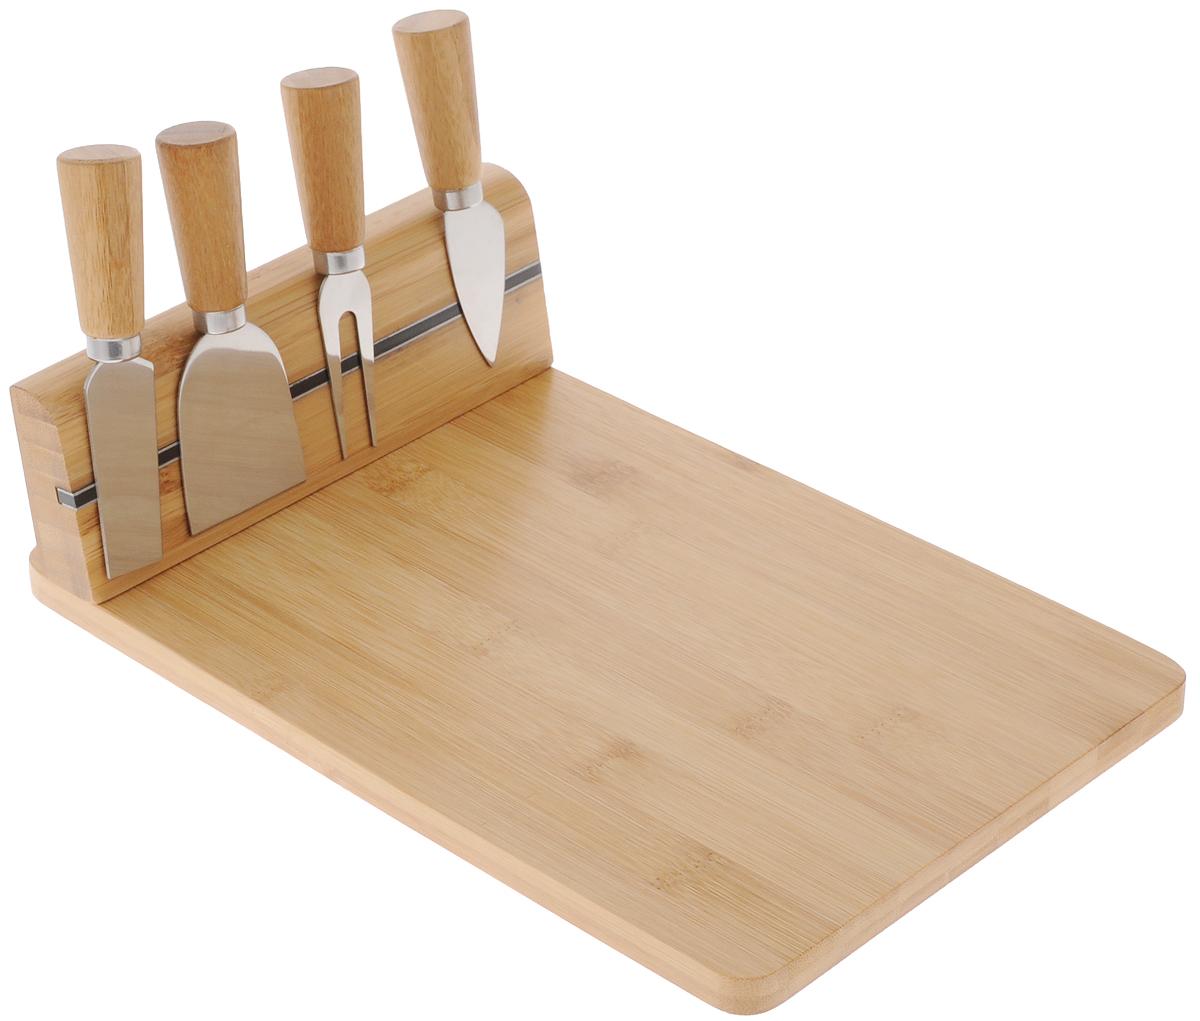 Набор для резки сыра Kesper, 5 предметов5064-1Набор Kesper предназначен для нарезки сыра твердых и мягких сортов. В комплект входят разделочная доска с магнитным бортиком, который соединяется с помощью шурупов (в комплект не входят), три ножа и вилка. Изделия выполнены из высококачественного бамбука и нержавеющей стали. Такой набор удобен в применении и компактен. Он послужит прекрасным подарком для родных и близких. Не рекомендуется мыть в посудомоечной машине. Размер доски: 30 х 20 х 8,6 см. Длина вилки: 12,2 см. Длина ножей: 12,2 см; 12,9 см; 12 см.